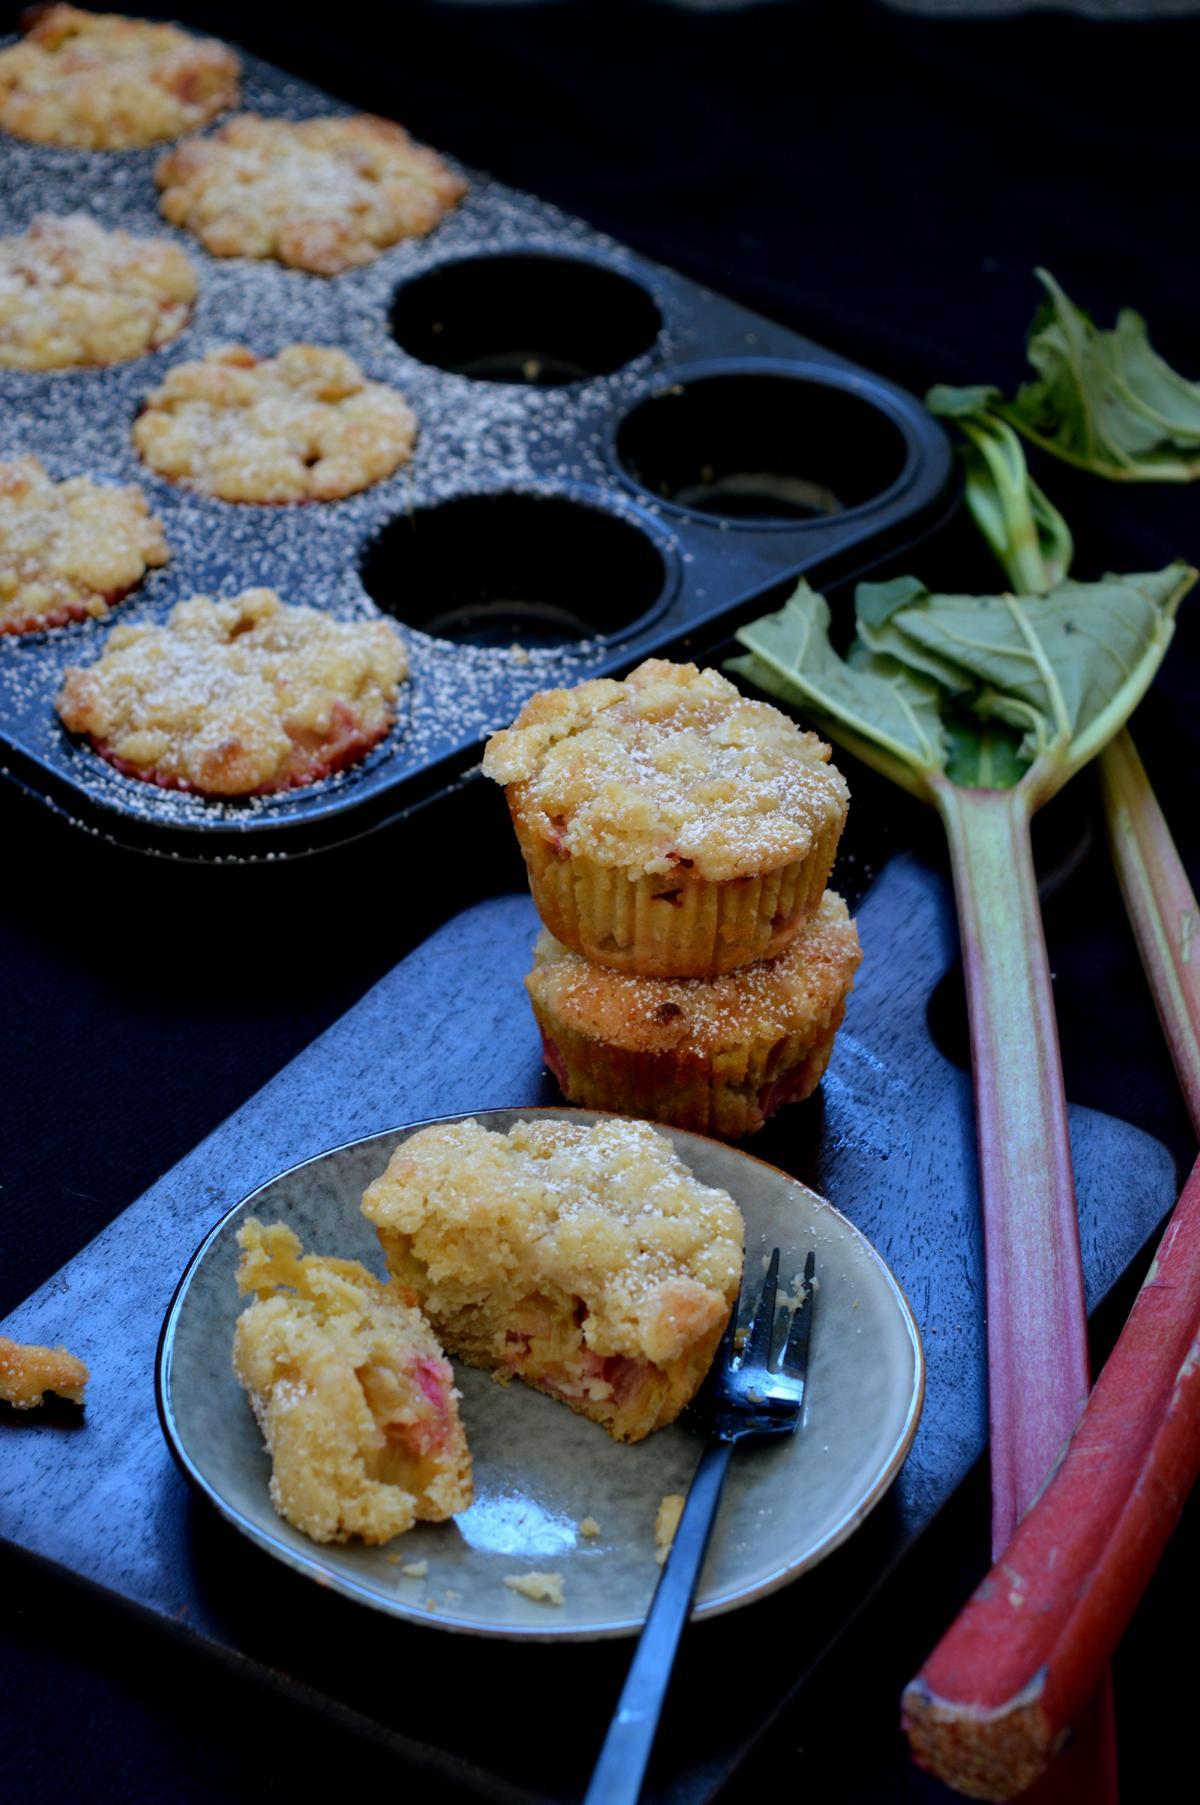 Schnelle Muffins mit Rhabarber und Streusel